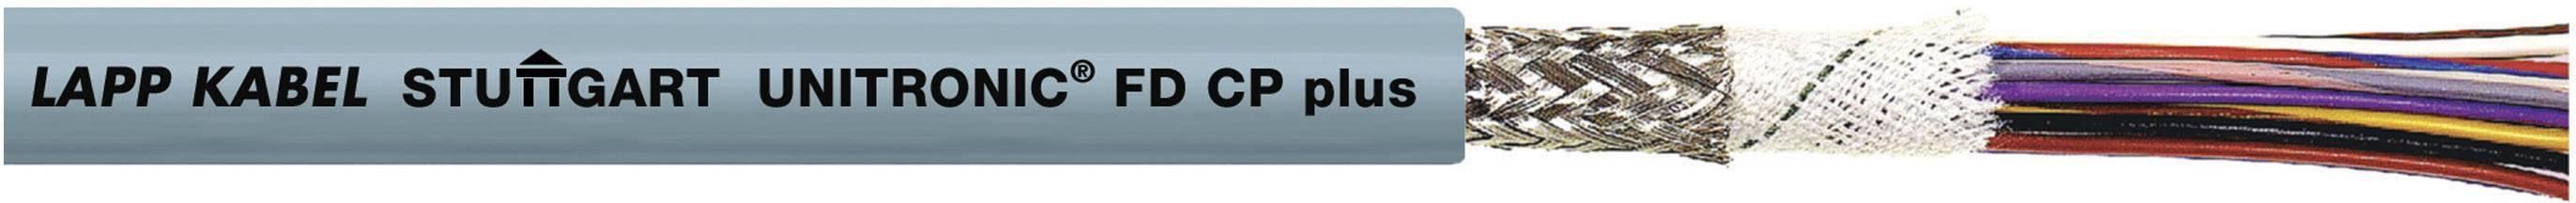 Datový kabel LappKabel UNITRONIC FD CP plus 10X0,14 (0028885), 10x 0,14 mm², Ø 7 mm, stíněný, 1 m, šedá